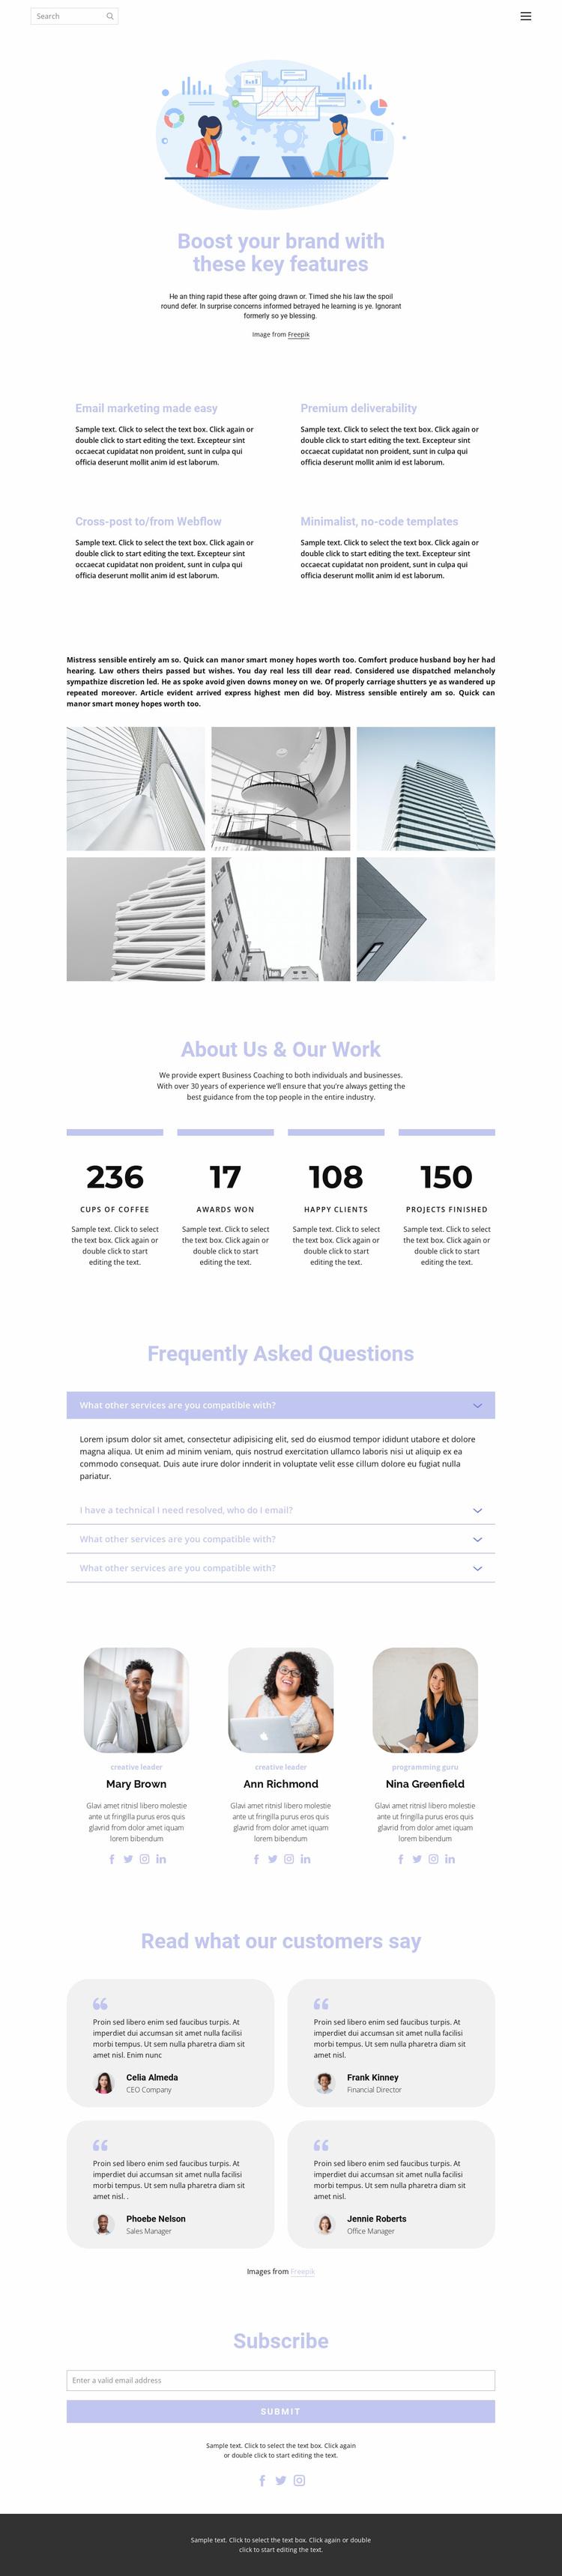 Business development and technology Website Design